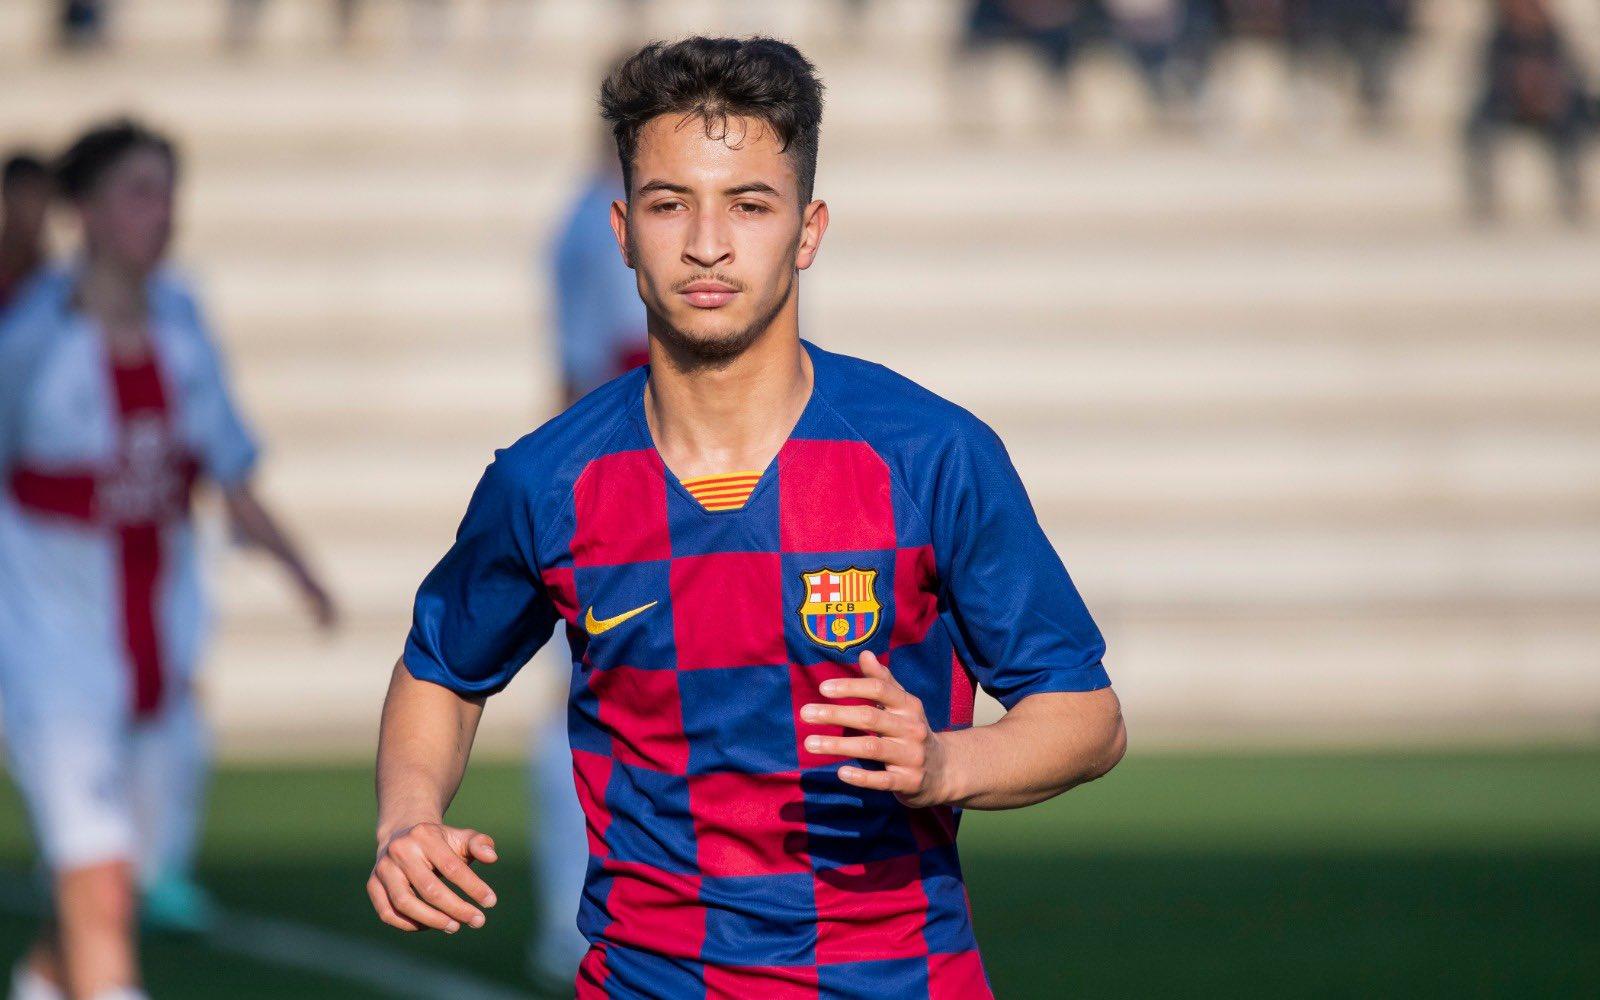 نجم برشلونة الصاعد في لائحة المنتخب الوطني